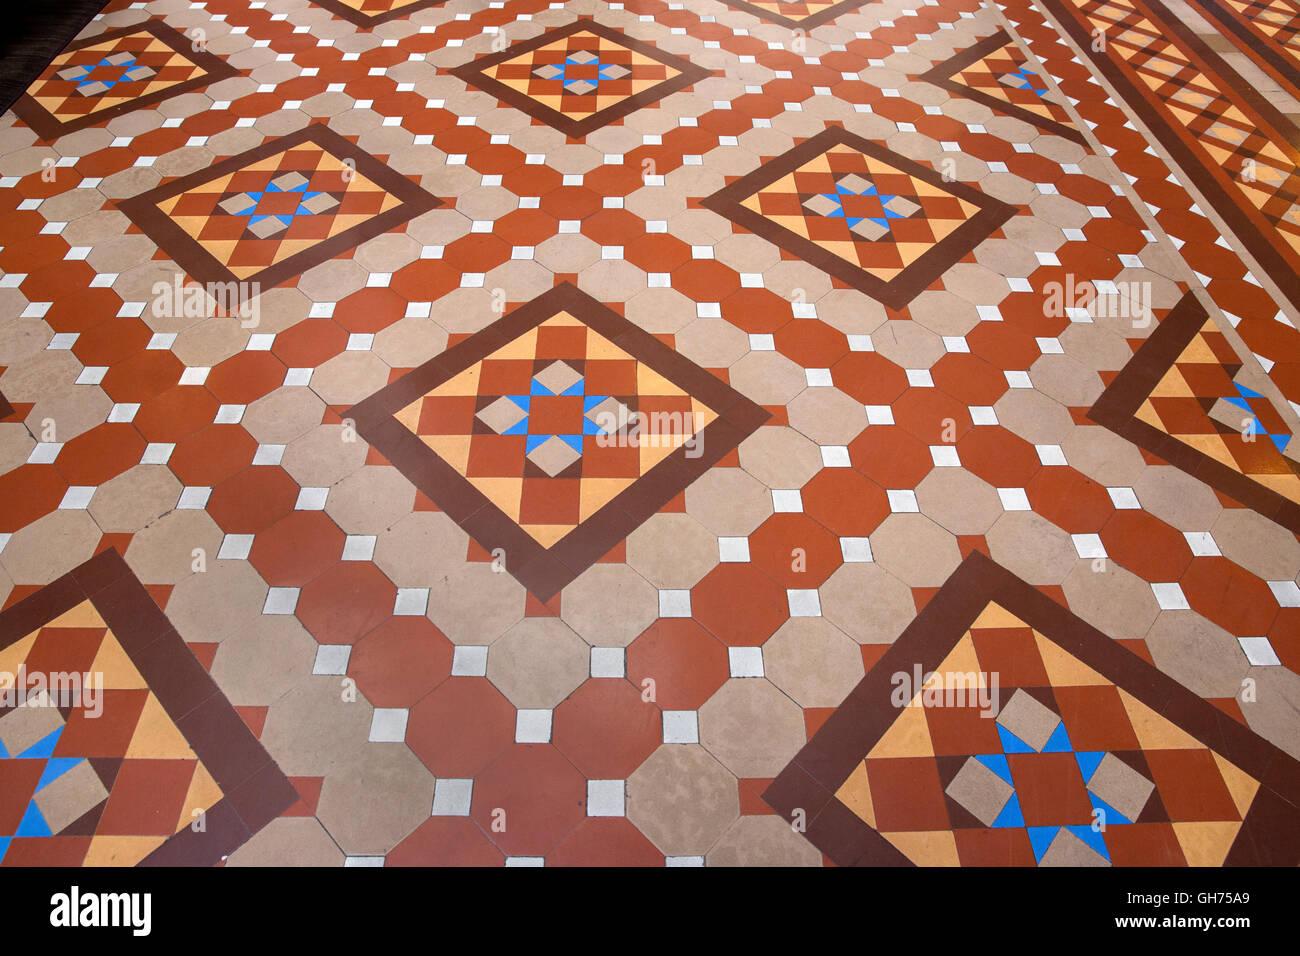 Antique Terracotta Floor Tiles Stock Photos & Antique Terracotta